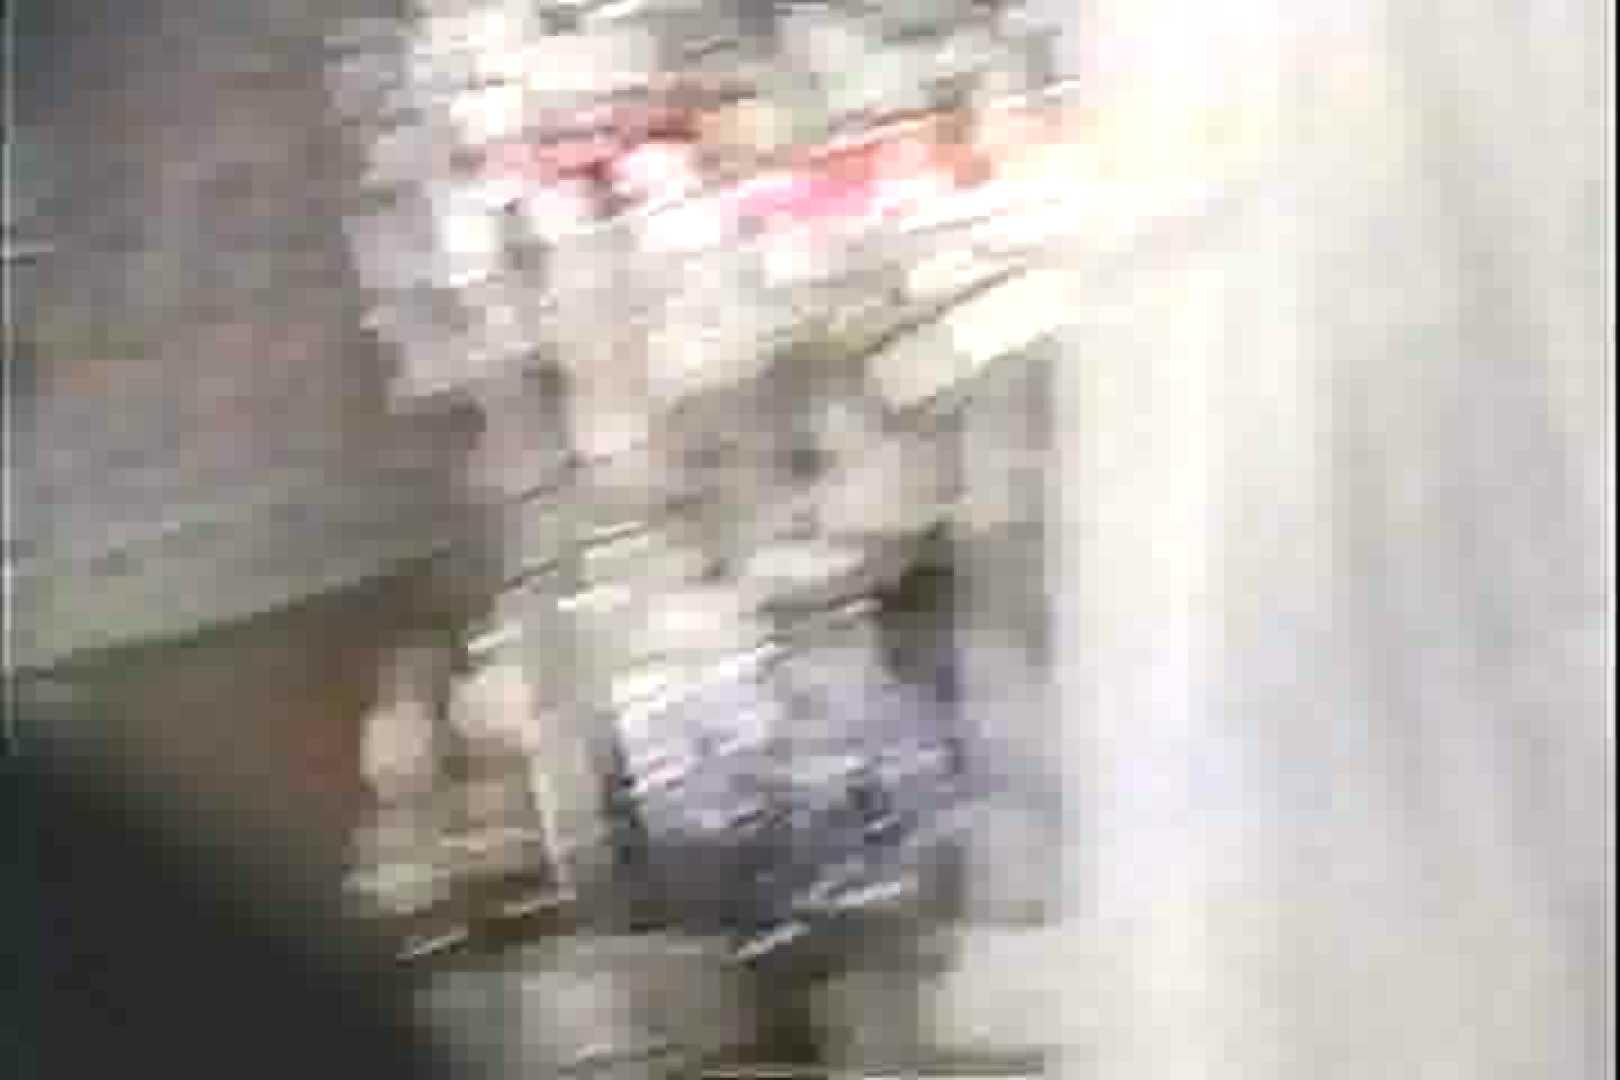 「ちくりん」さんのオリジナル未編集パンチラVol.3_02 チラ | 盗撮特集  87画像 25